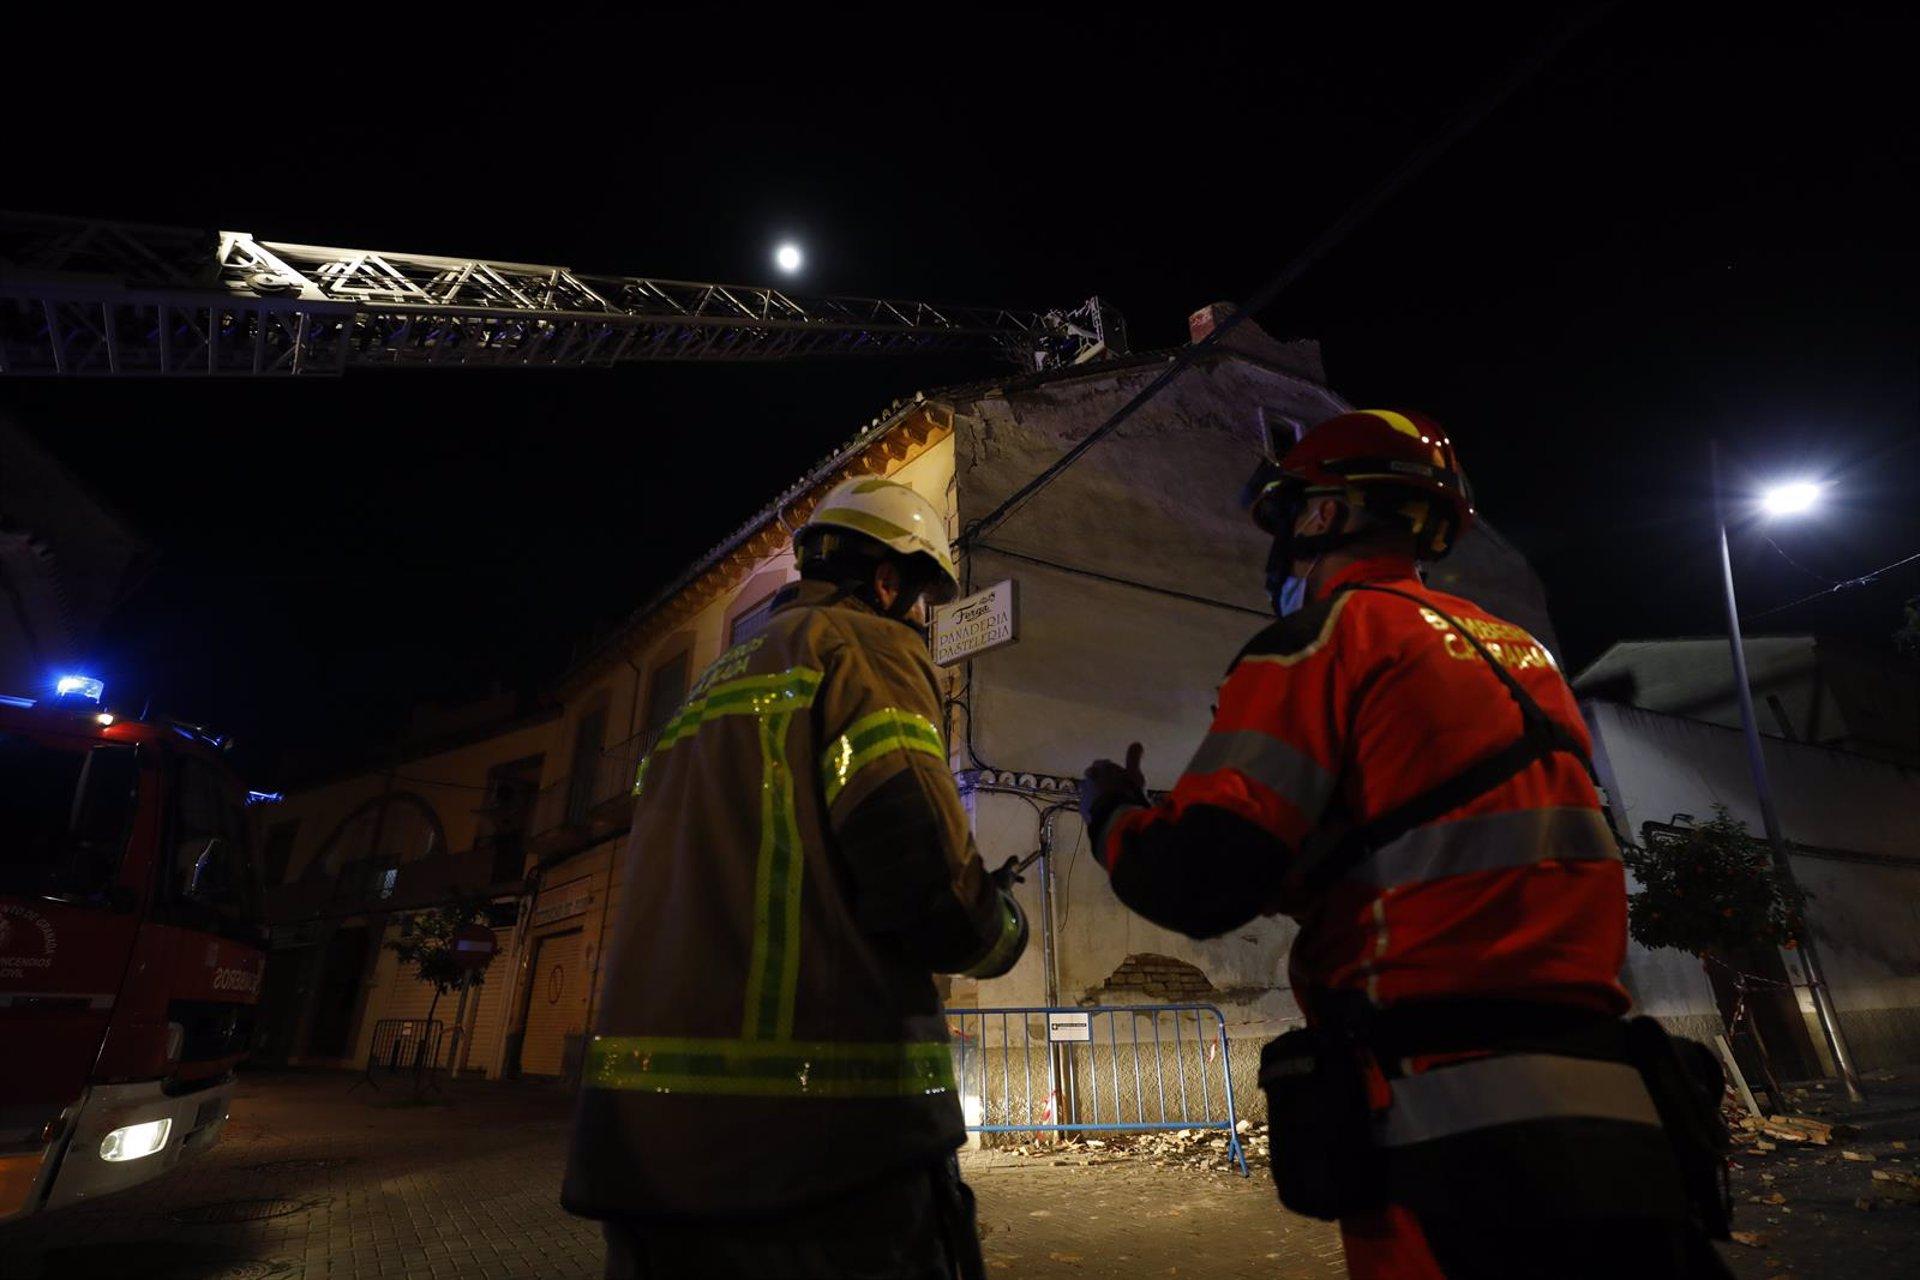 Los continuos seísmos «agudizan» los daños materiales y localidades como Santa Fe barajan apoyo psicológico